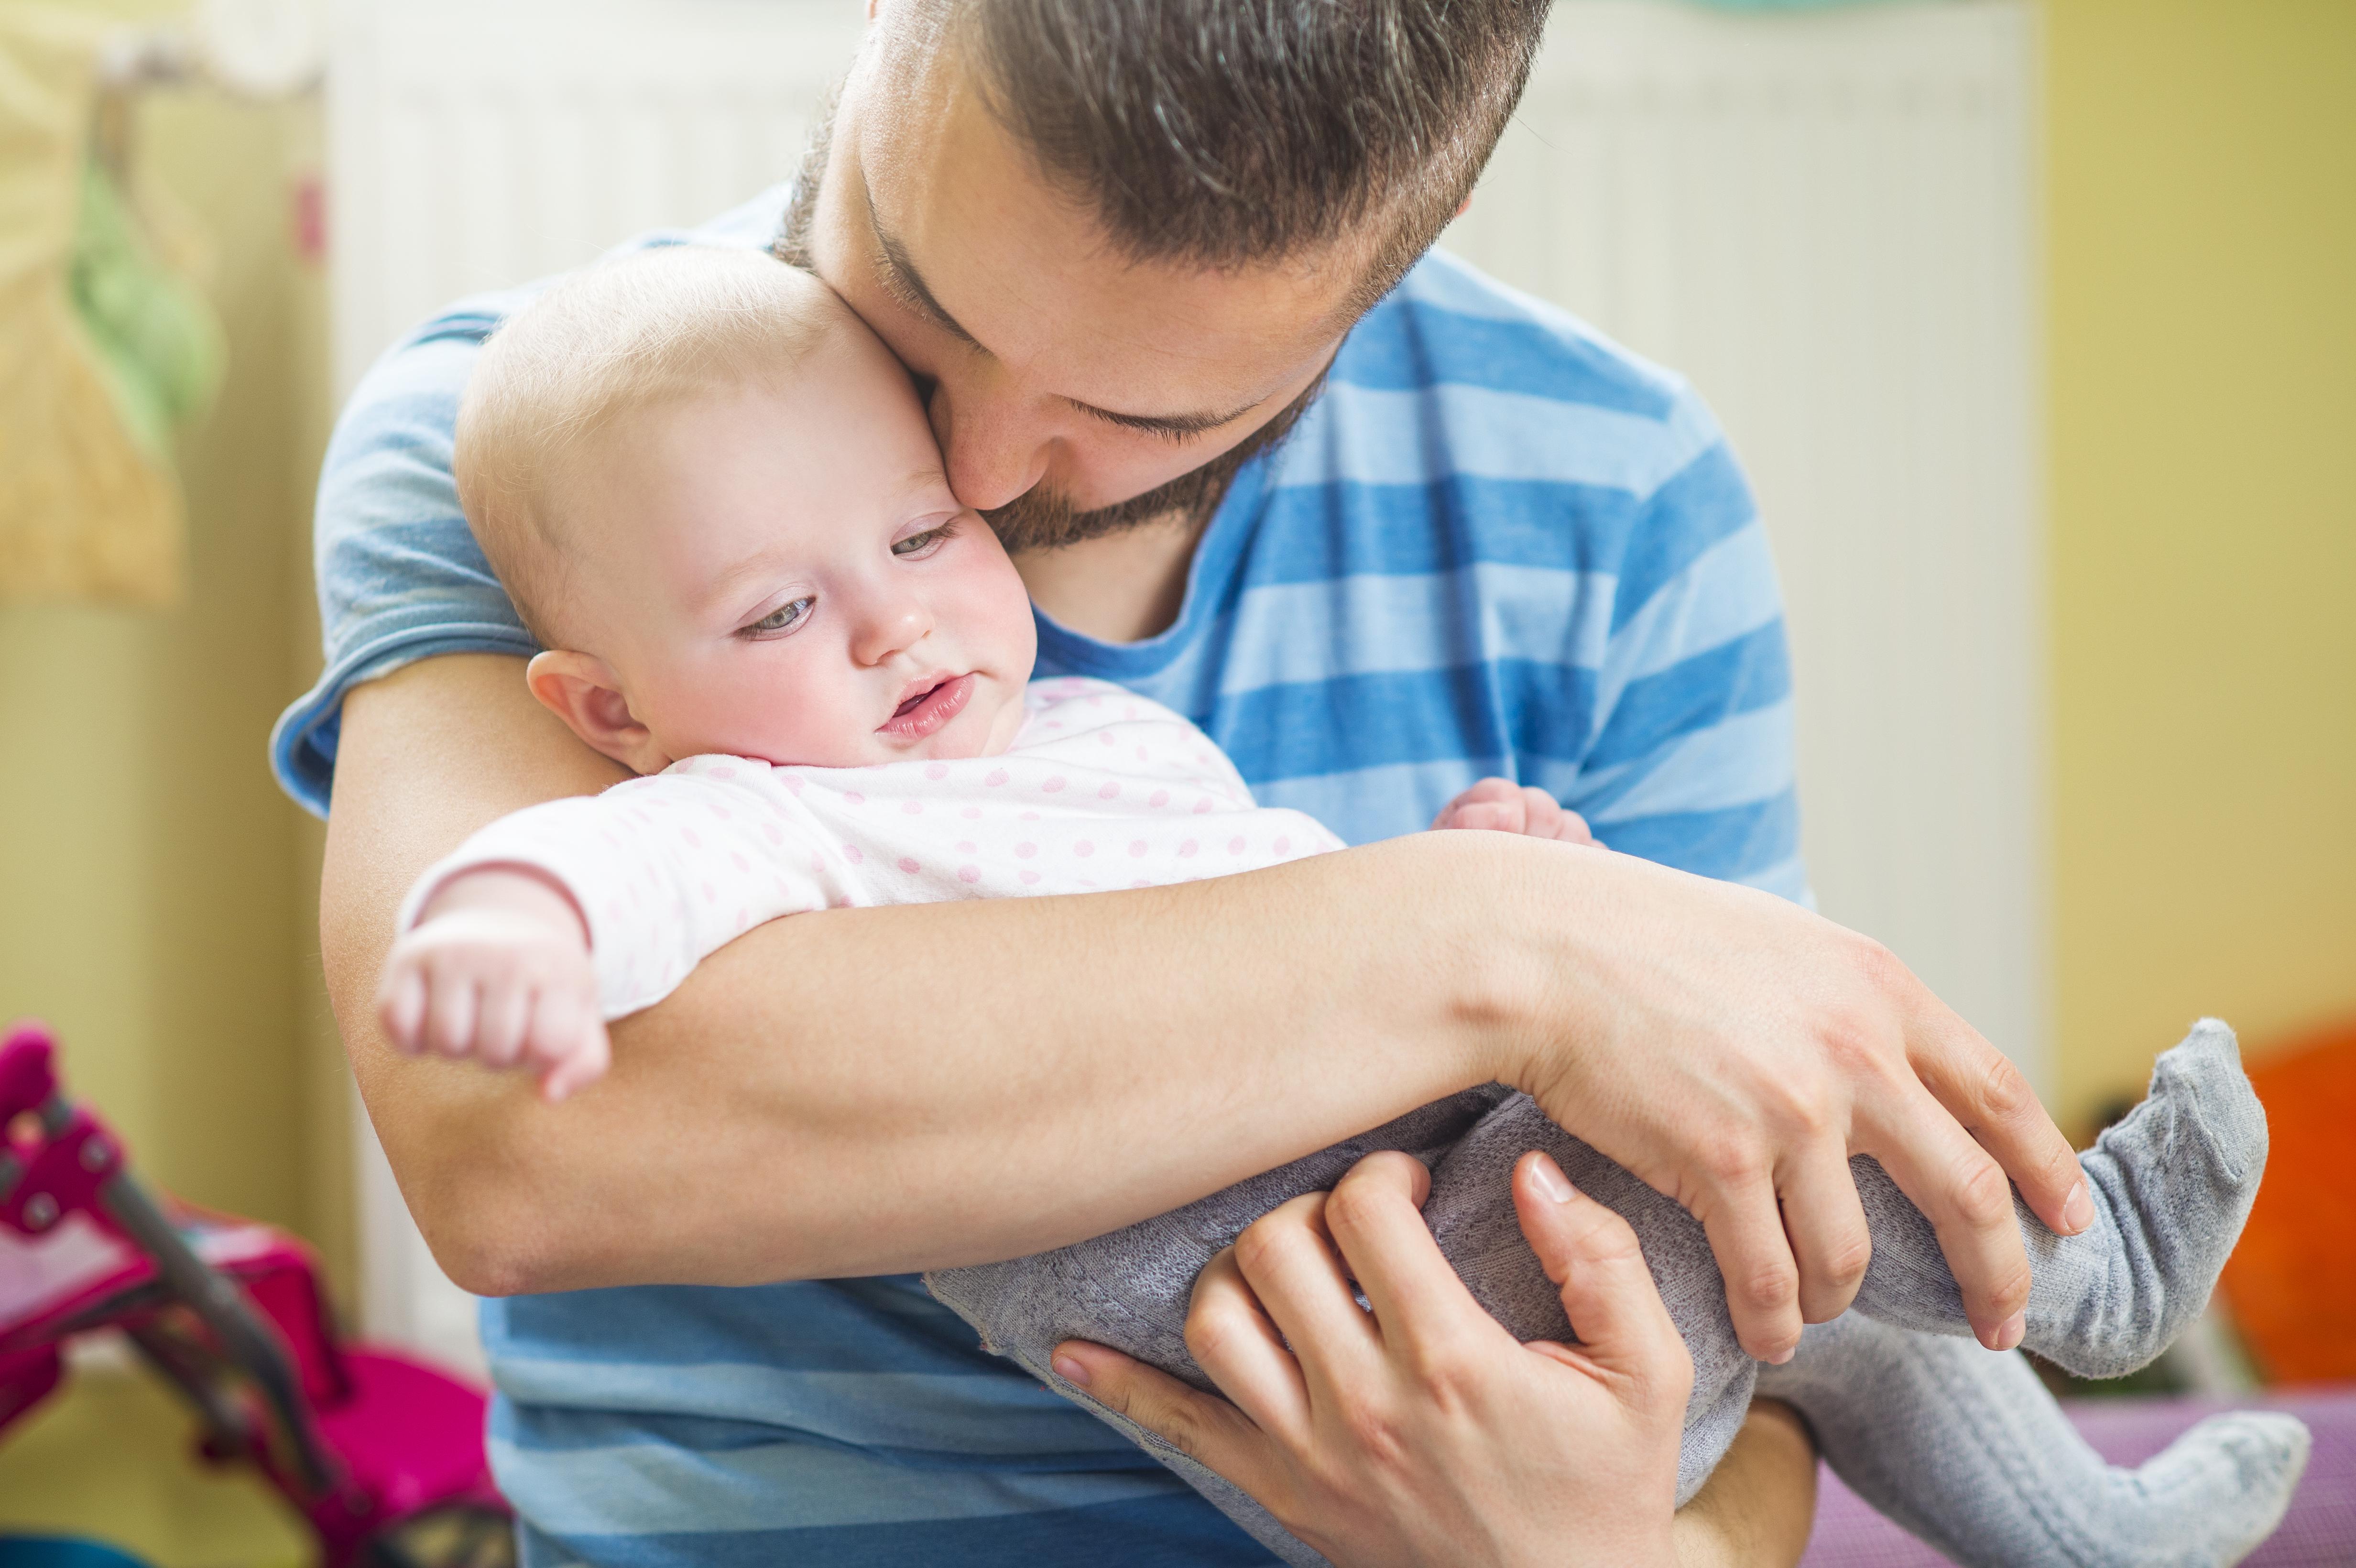 Familjär hyperkolesterolemi är ärftlig och varje barn och syskon till den drabbade löper 50 procents risk att själv ha sjukdomen.